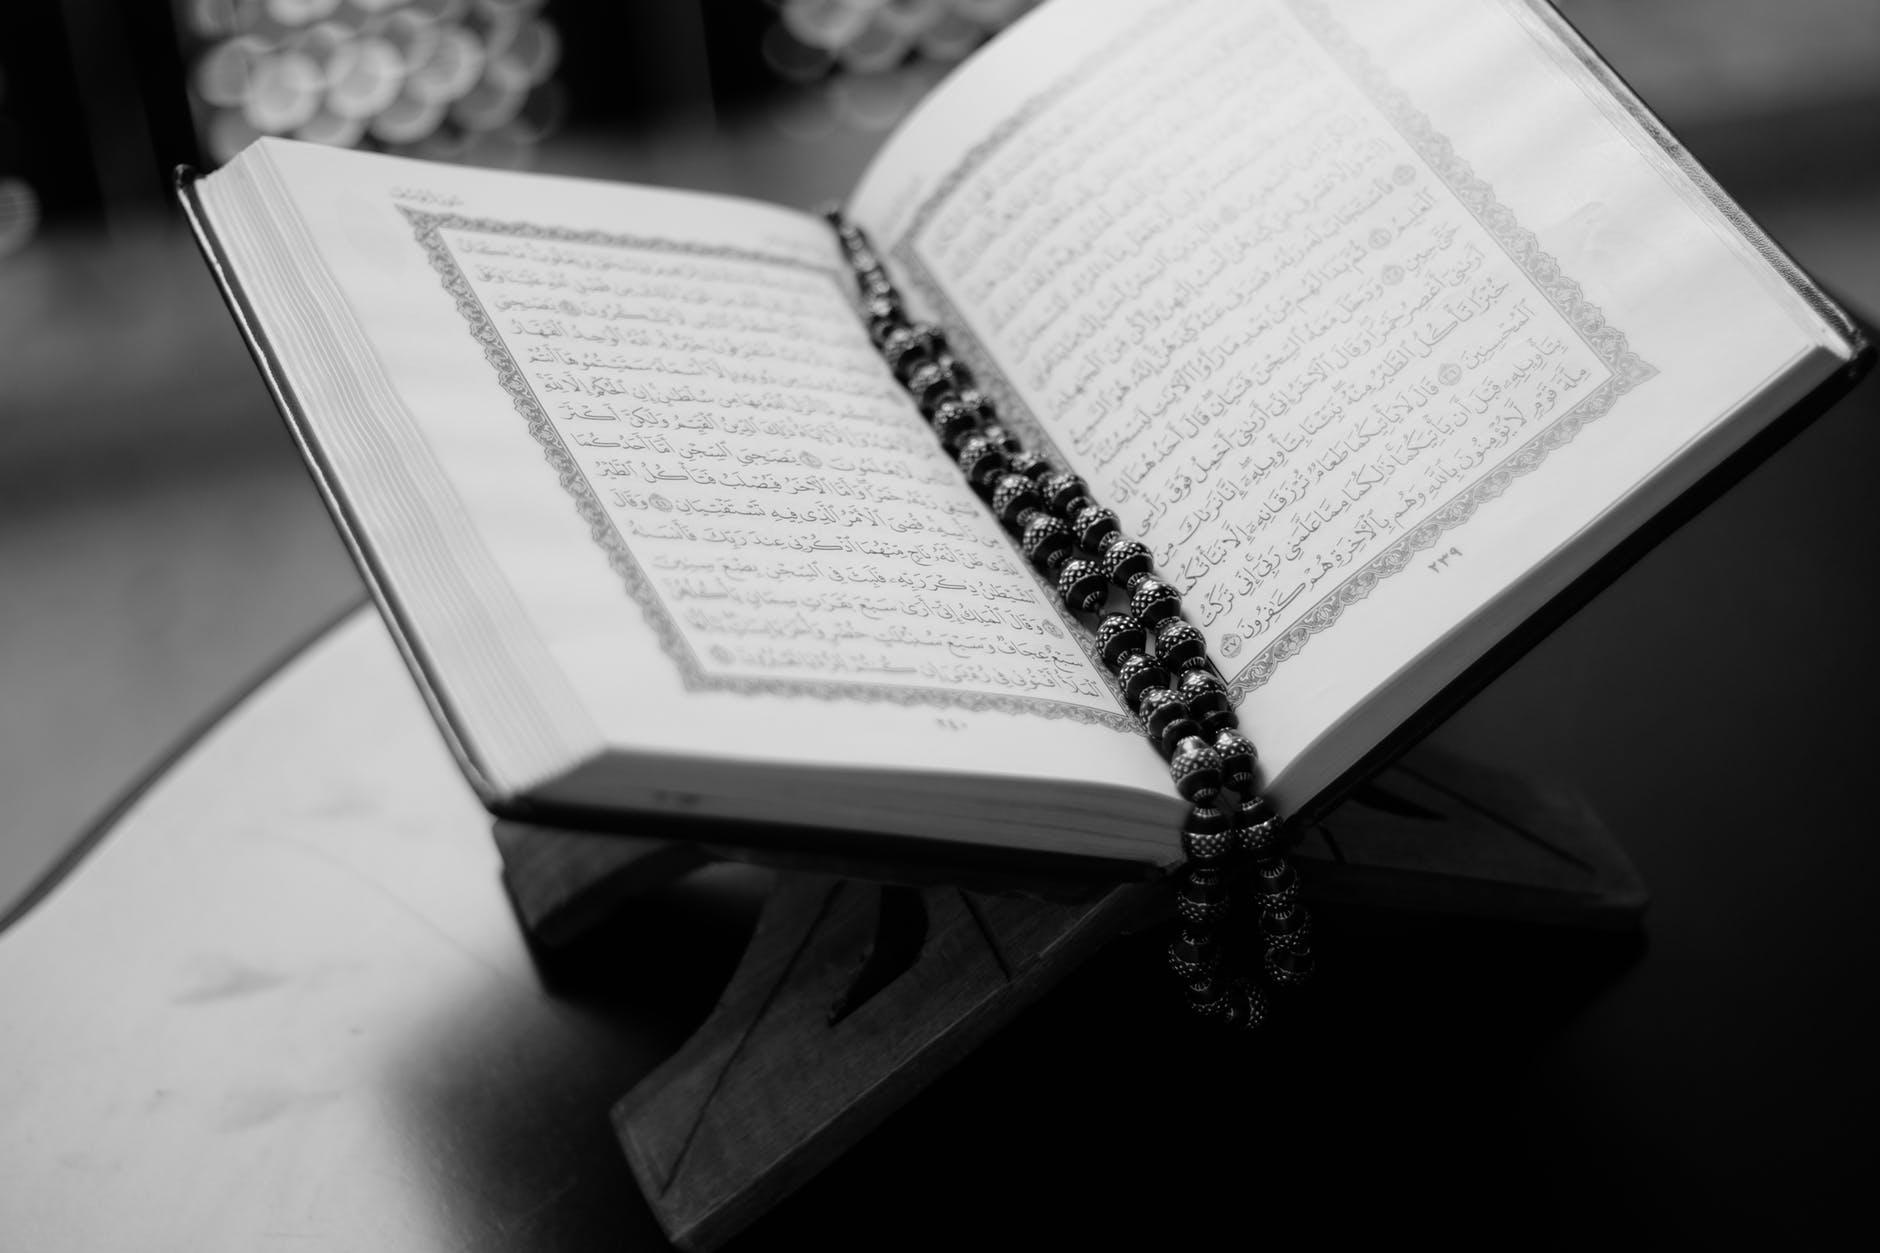 Keutamaan membaca Al Quran